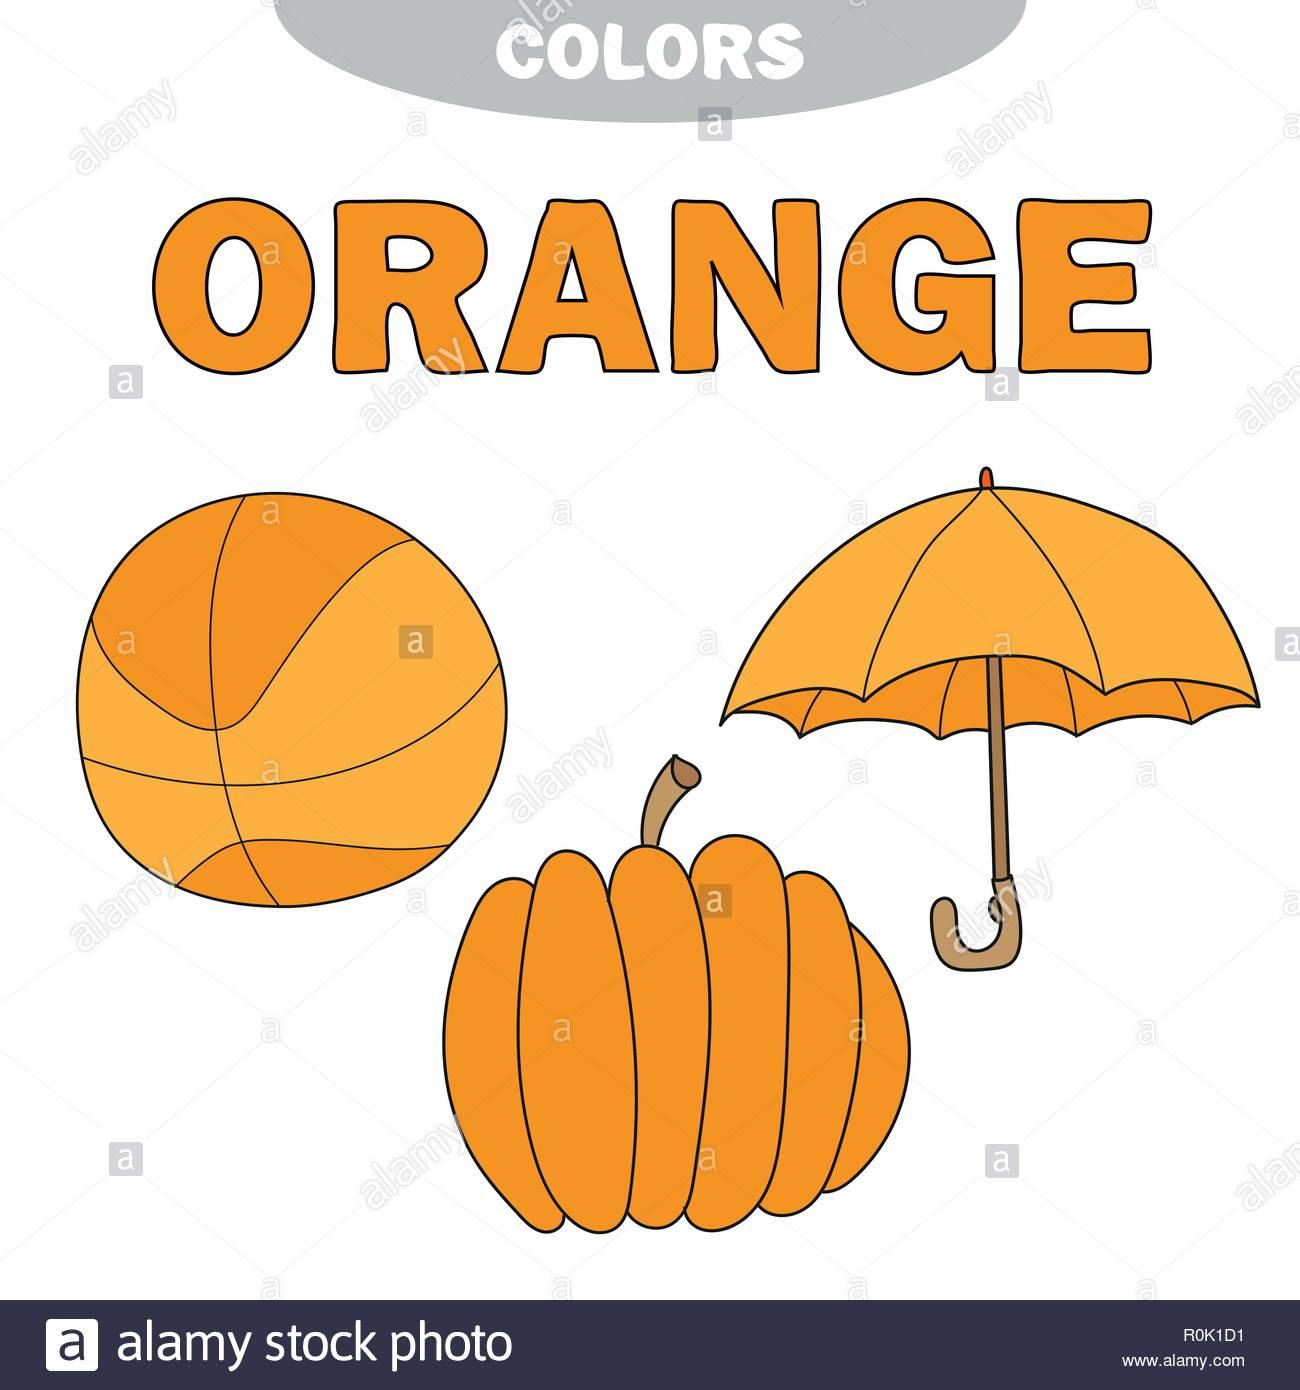 Apprendre Les Couleurs - Orange. Feuille De Travail. Jeux à Jeux Apprendre Les Couleurs